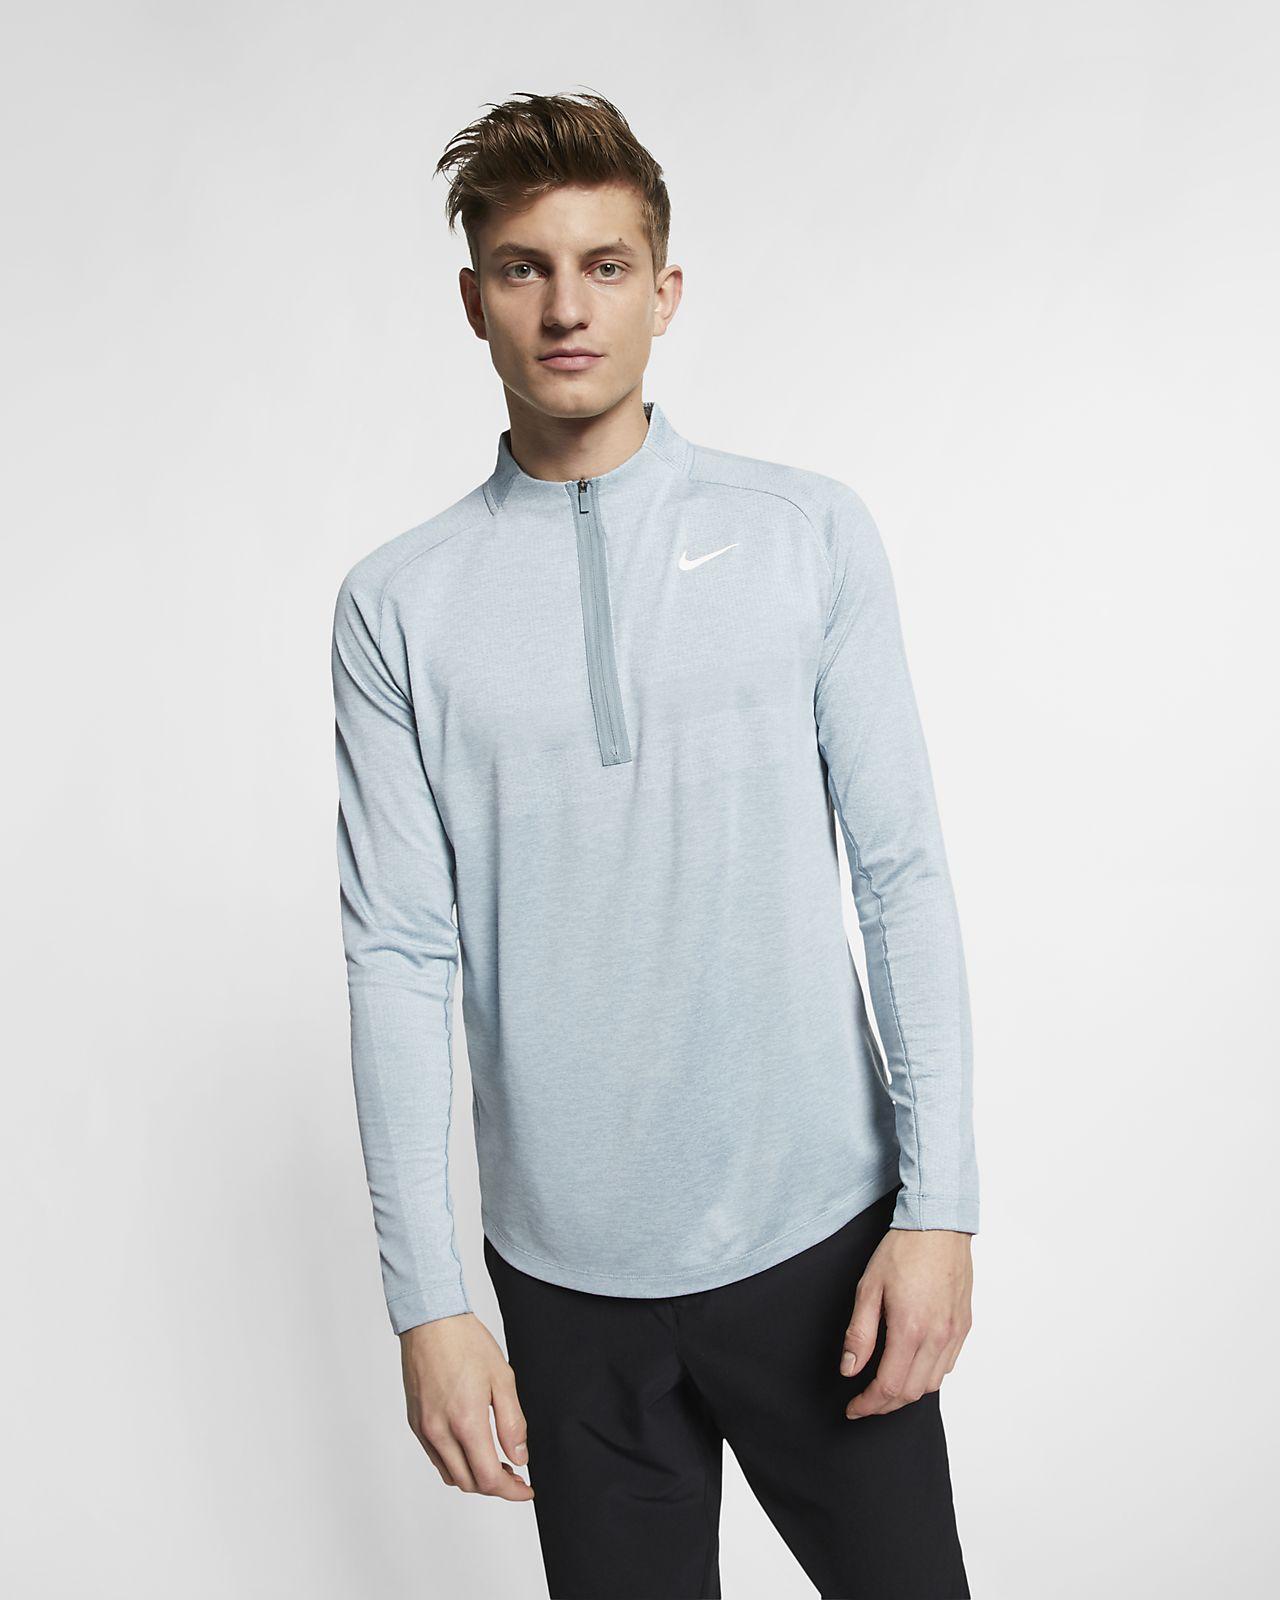 Мужская футболка с молнией на половину длины для гольфа Nike Dri-FIT